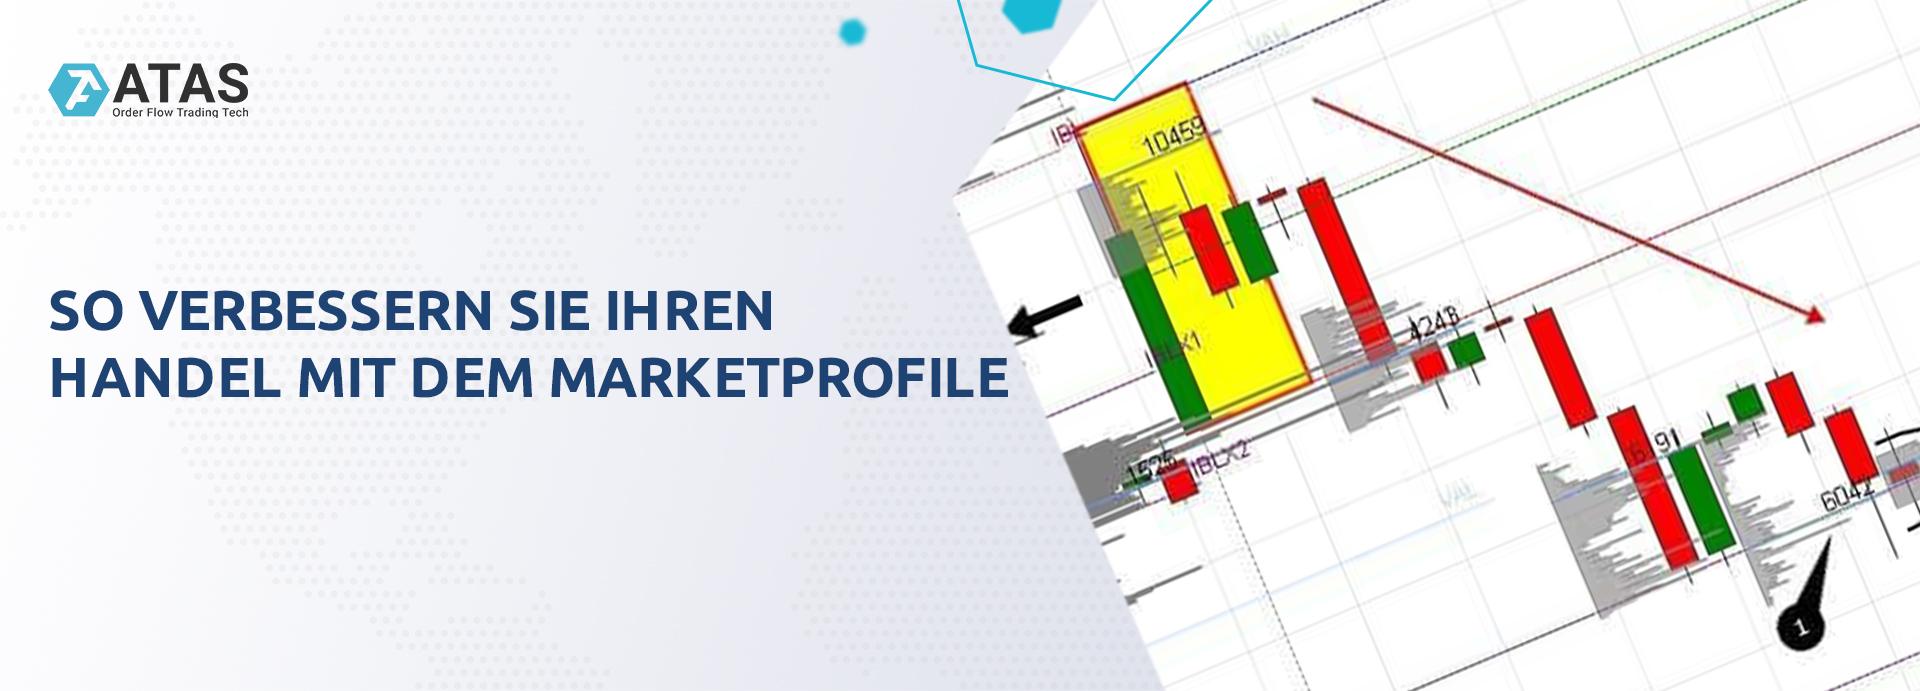 So verbessern Sie Ihren Handel mit dem Marketprofile